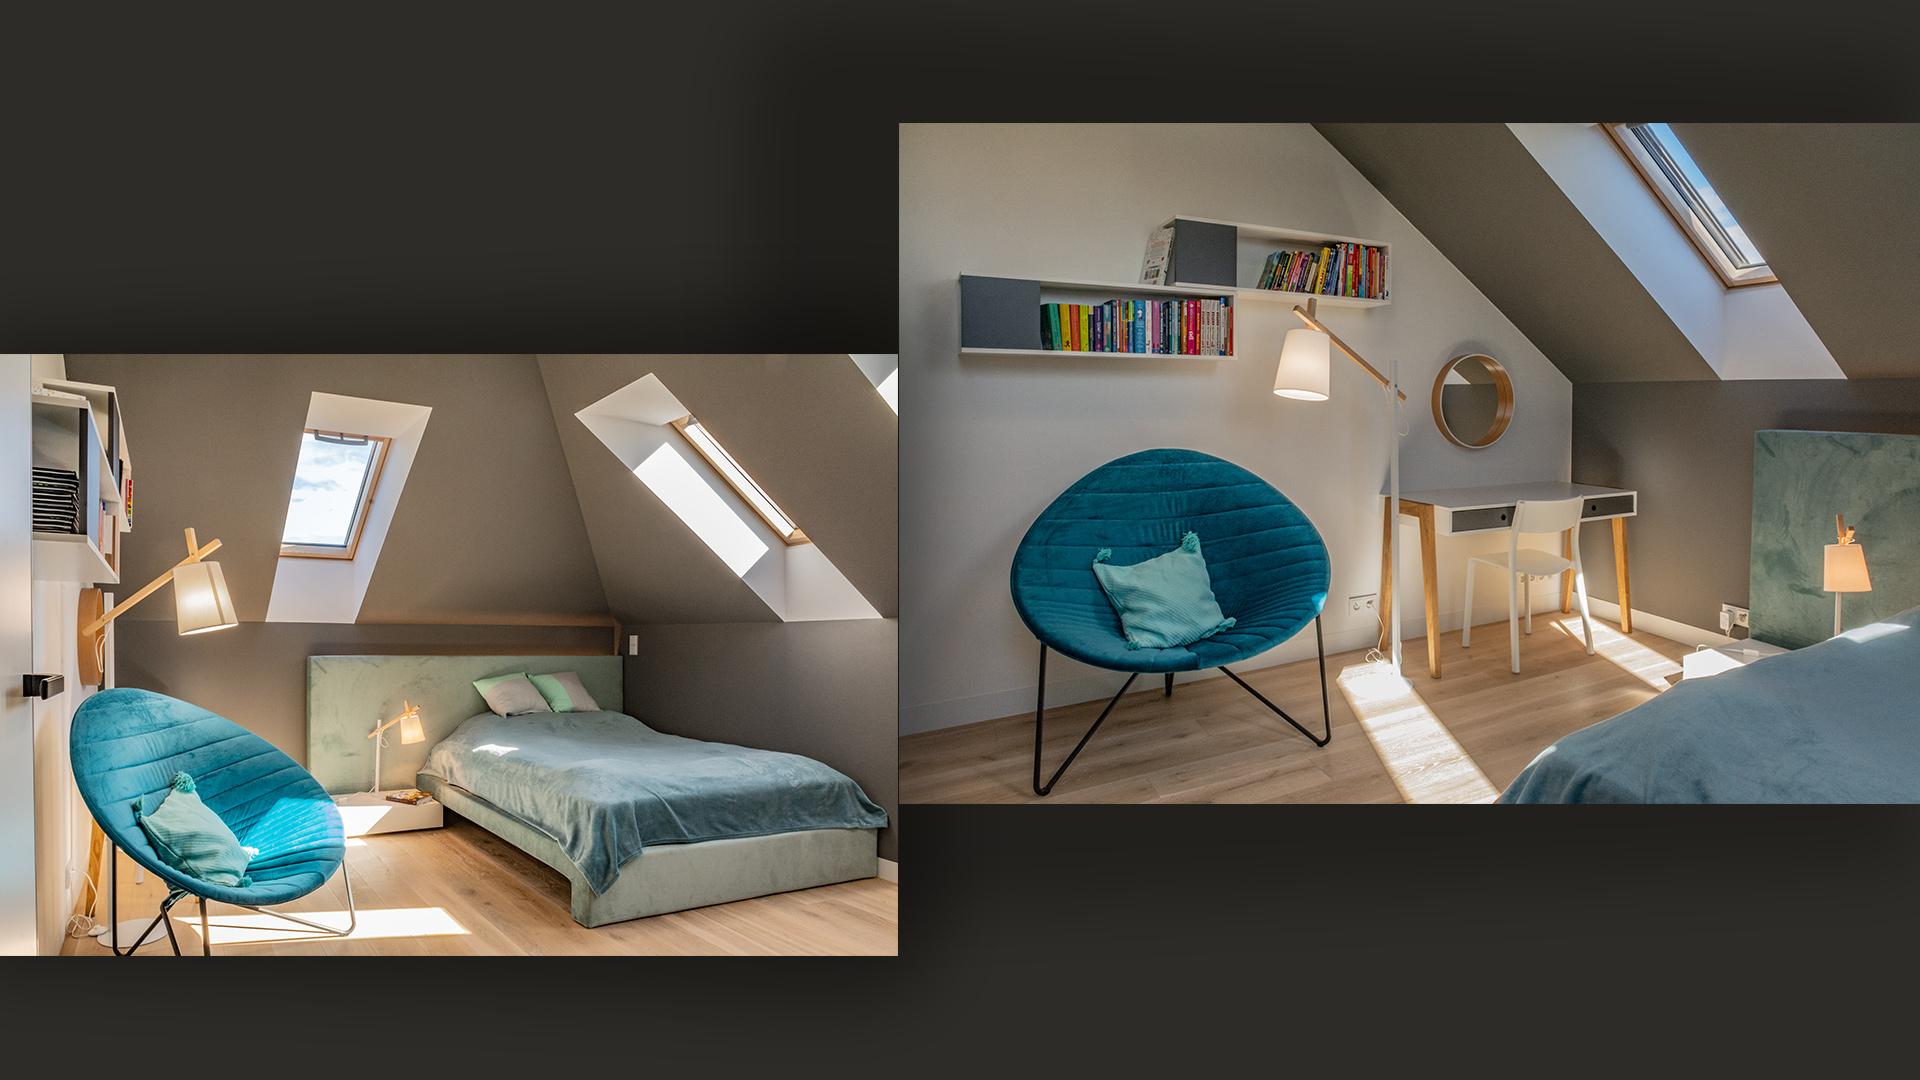 Sypialnia dla nastolatki na poddaszu –stonowana kolorystyka sprzyja wypoczynkowi i wyciszeniu.